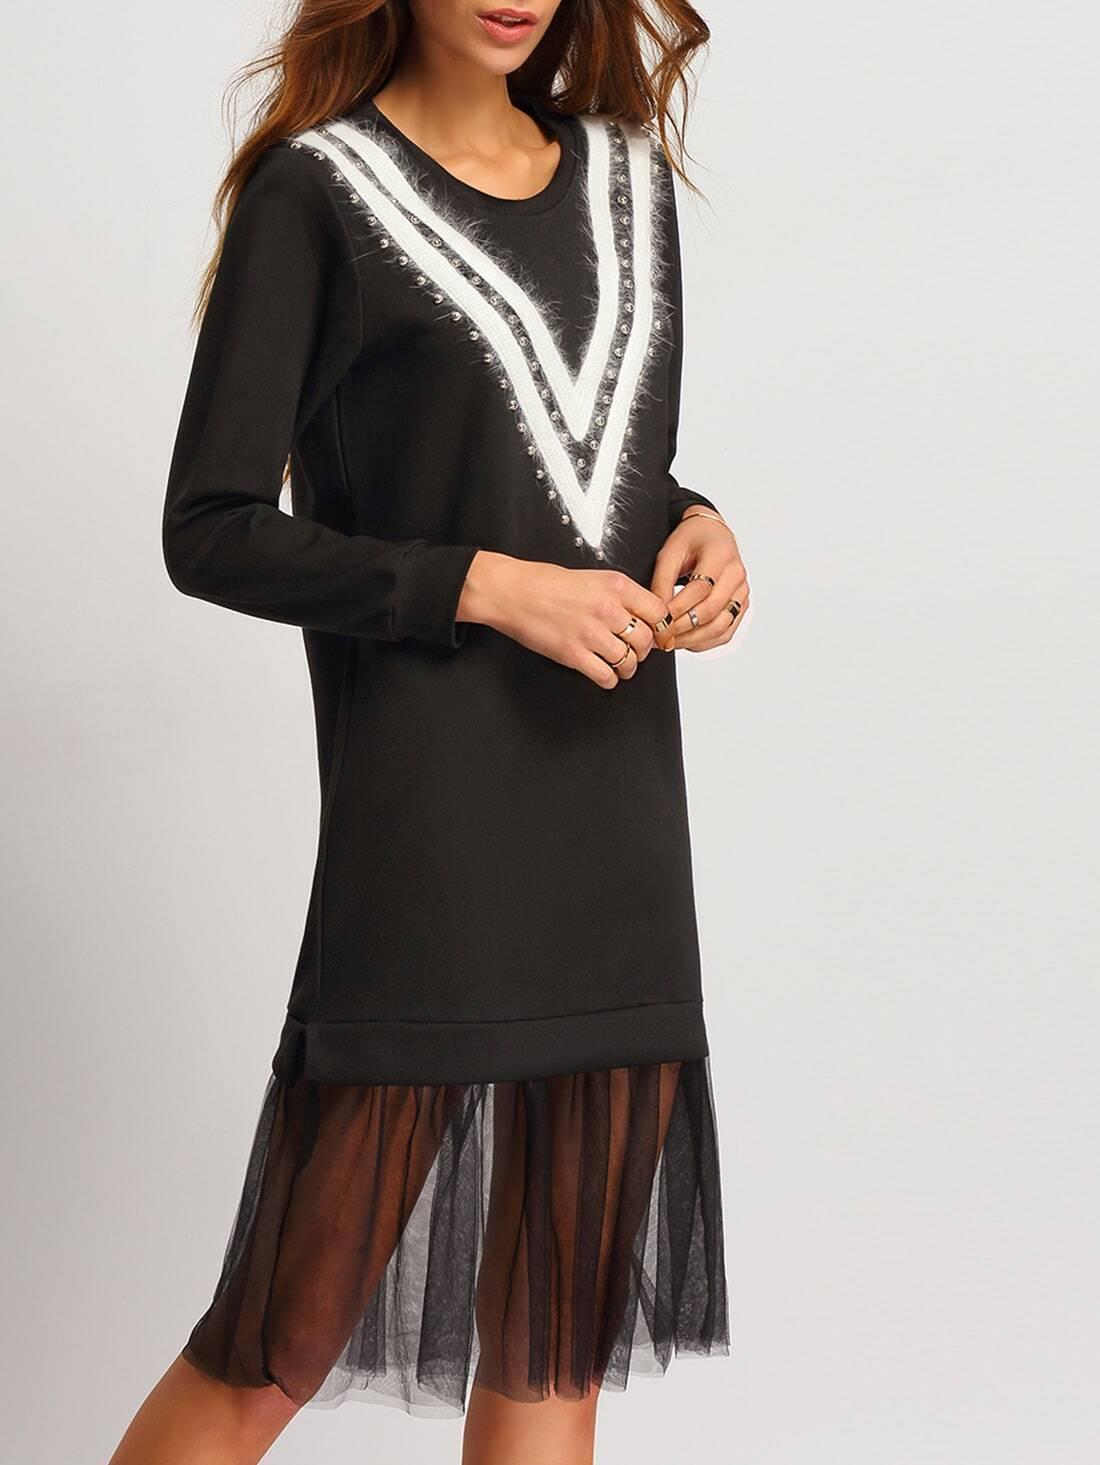 Sweatshirt kleid mit nieten besetzt schwarz german for Sweatshirt kleid lang